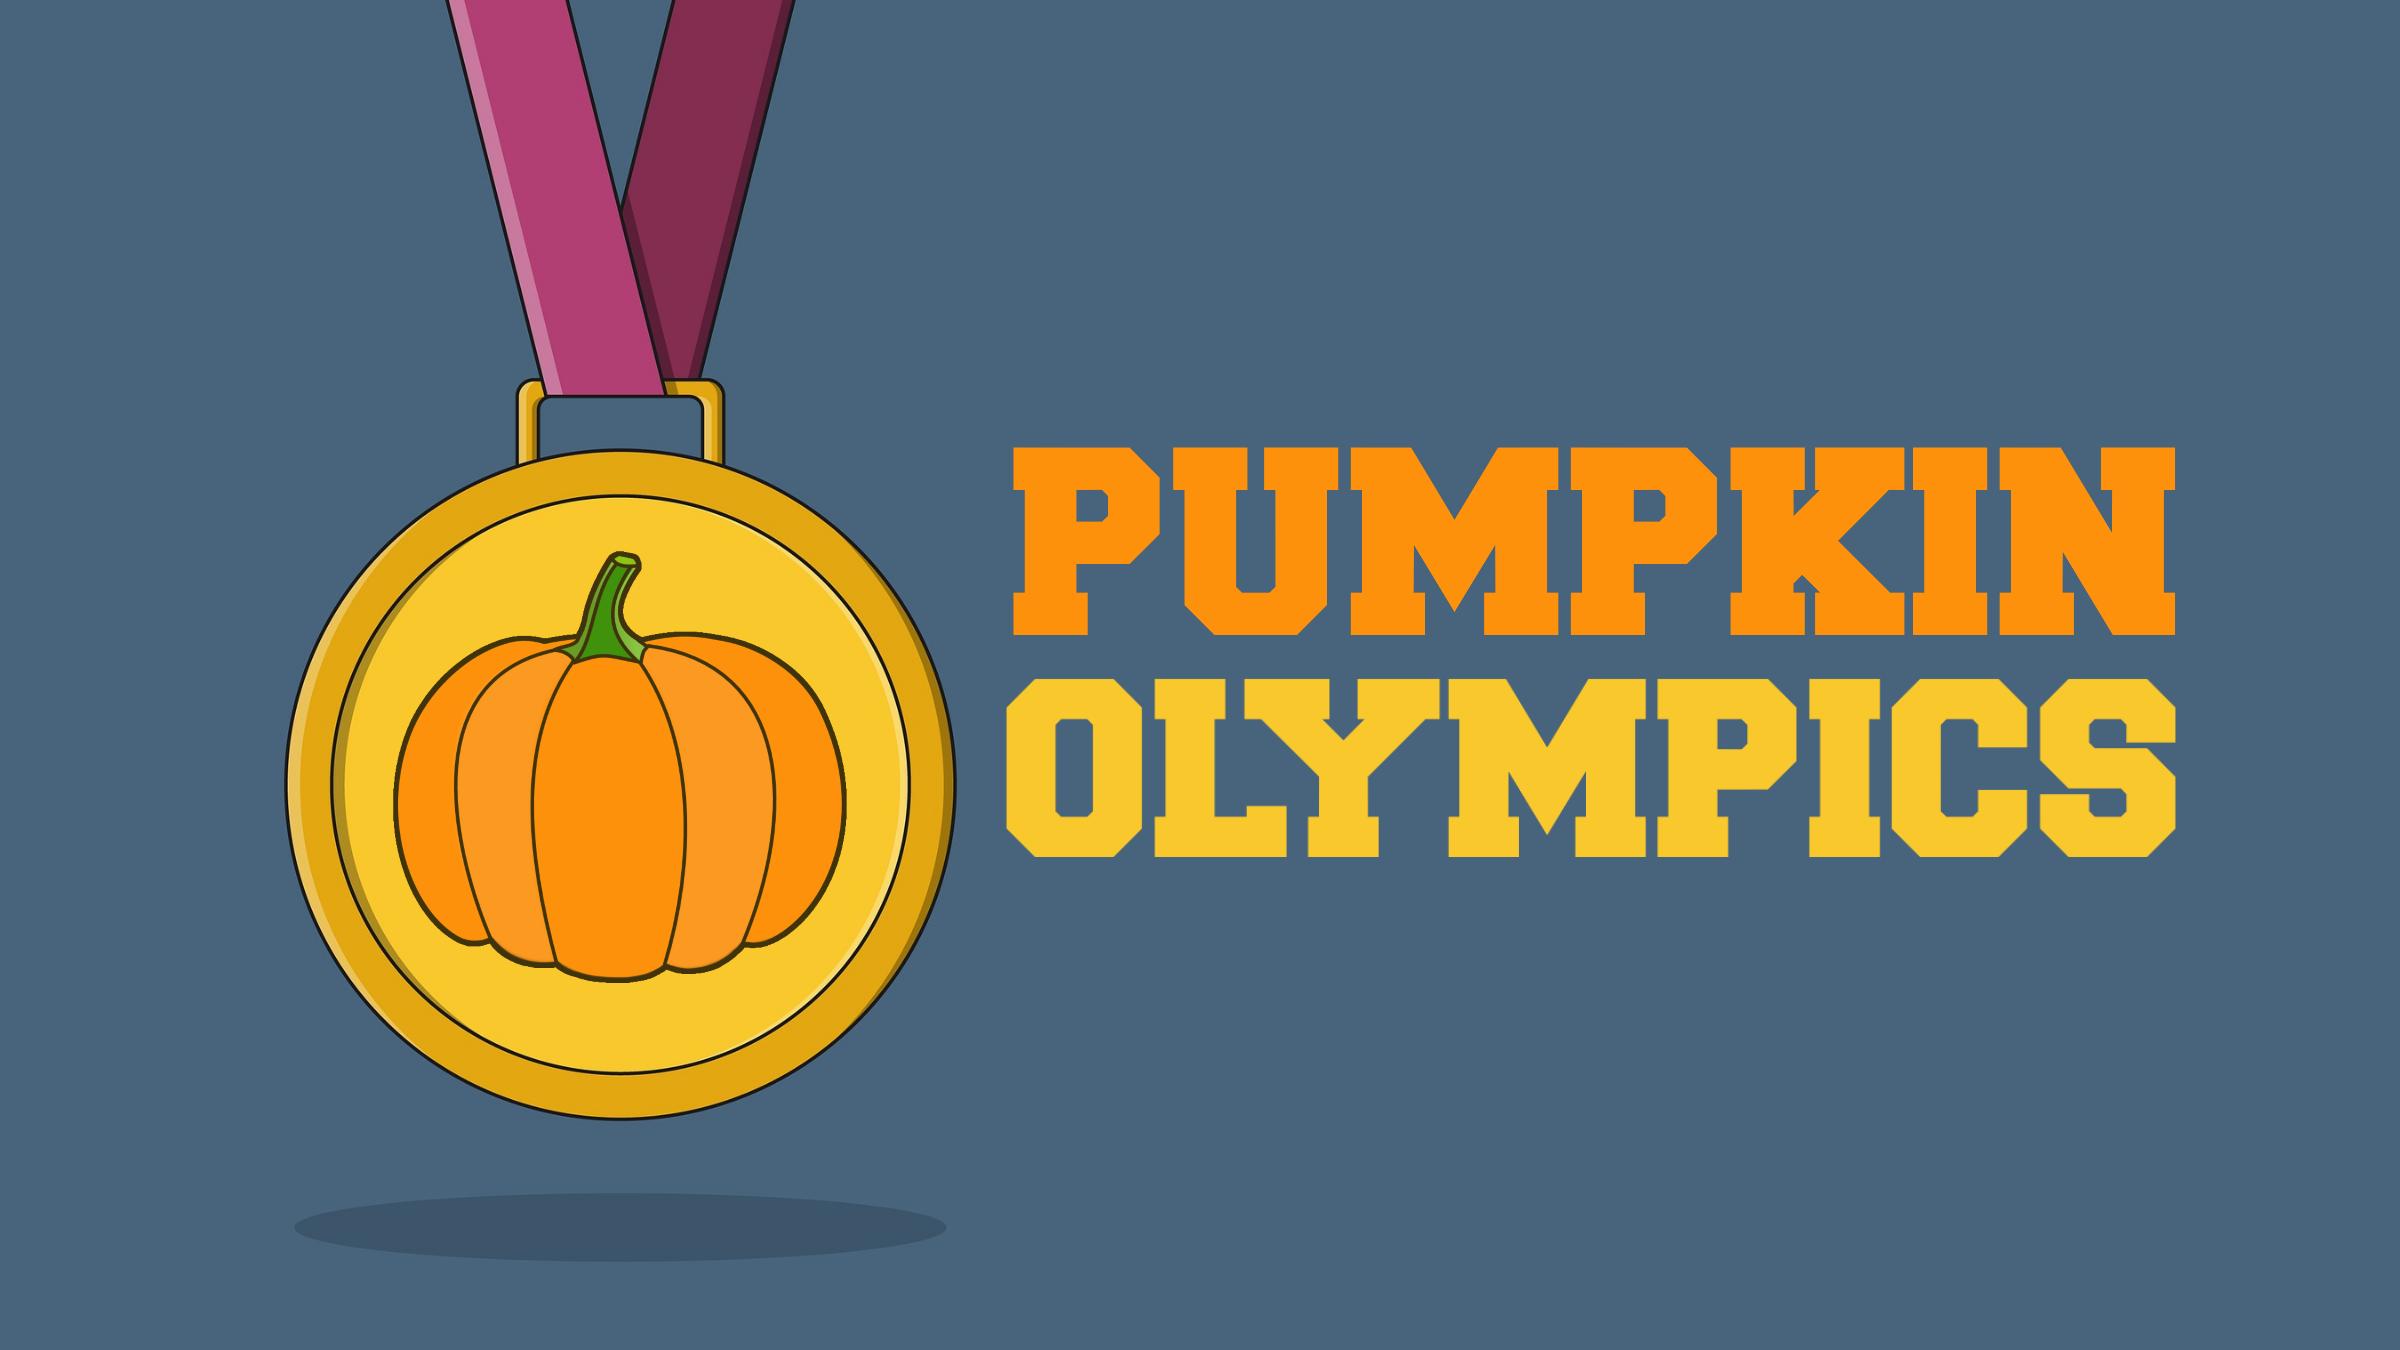 Pumpkin Olympics.png